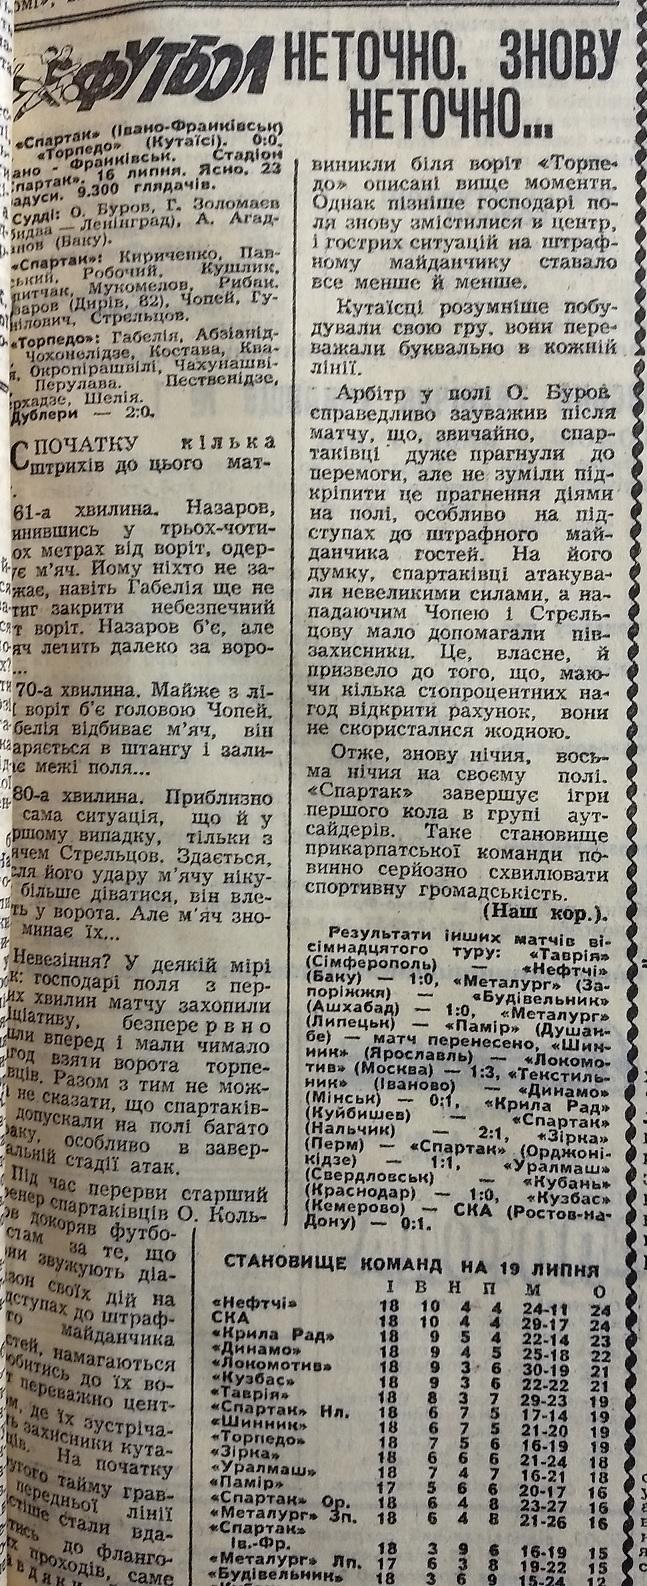 Спартак (Ивано-Франковск) - Торпедо (Кутаиси) 0:0